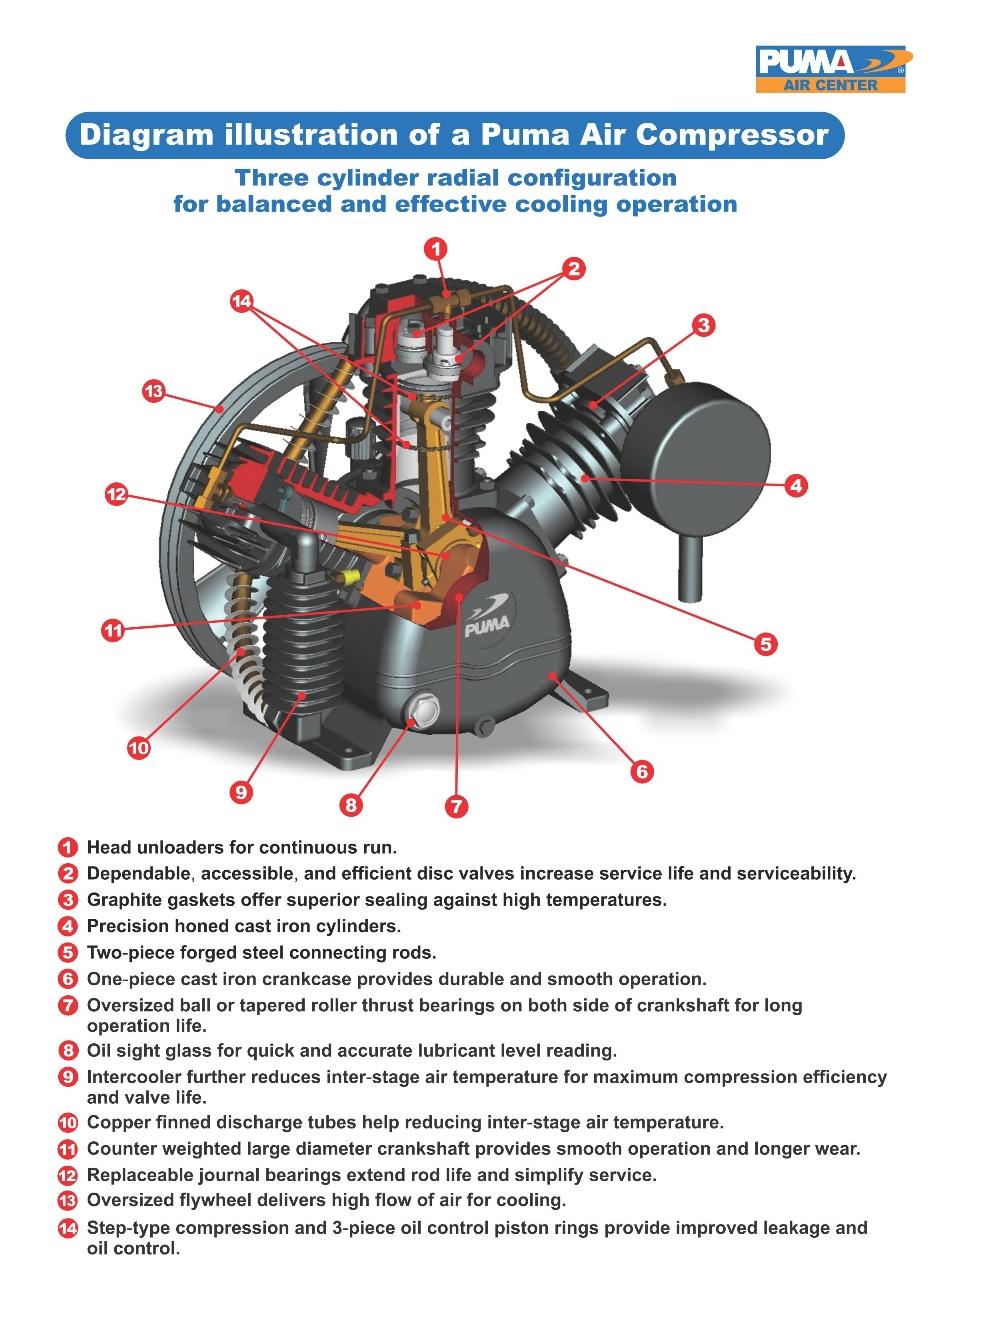 PRODUCTS - DIAGRAM ILLUSTRATION OF A PUMA AIR COMPRESSOR - PUMA INDUSTRIES,  INC. - COMMERCIAL / PROFESSIONAL / INDUSTRIAL AIR COMPRESSORS AND AIR TOOLSPuma Air Compressors